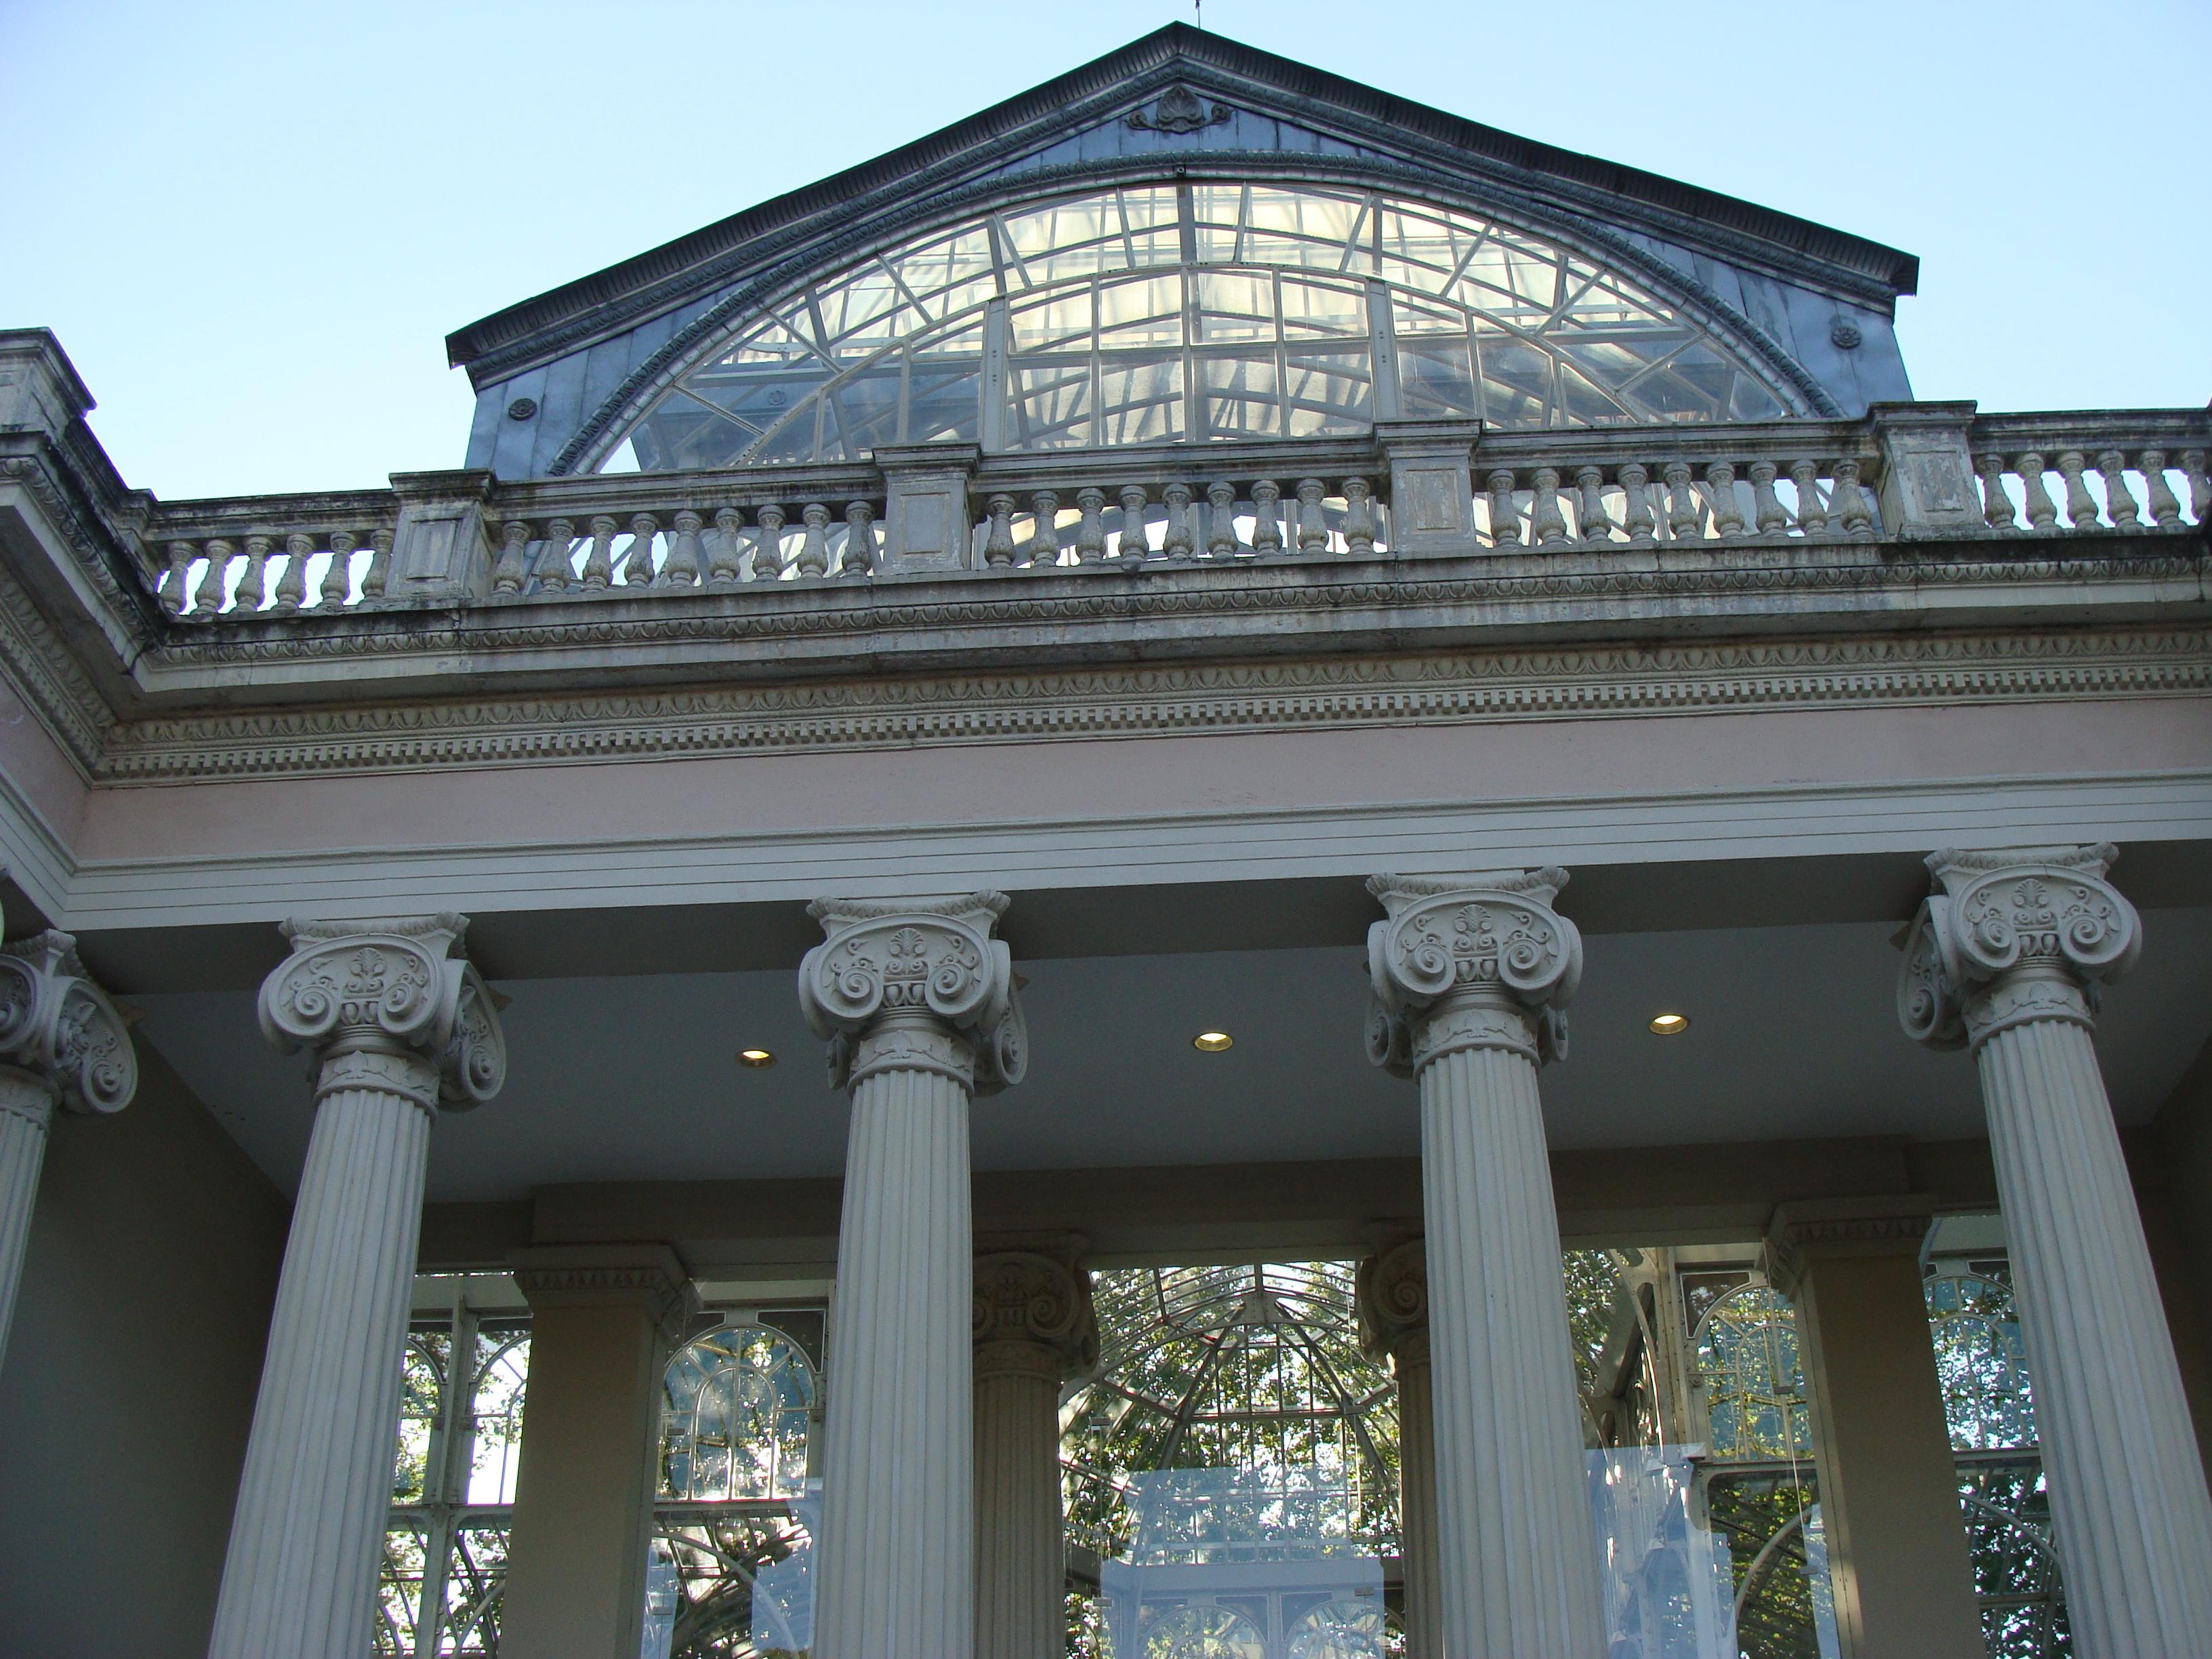 Arquitectura del hierro en madrid el palacio de cristal - Fabricas de cristal en espana ...